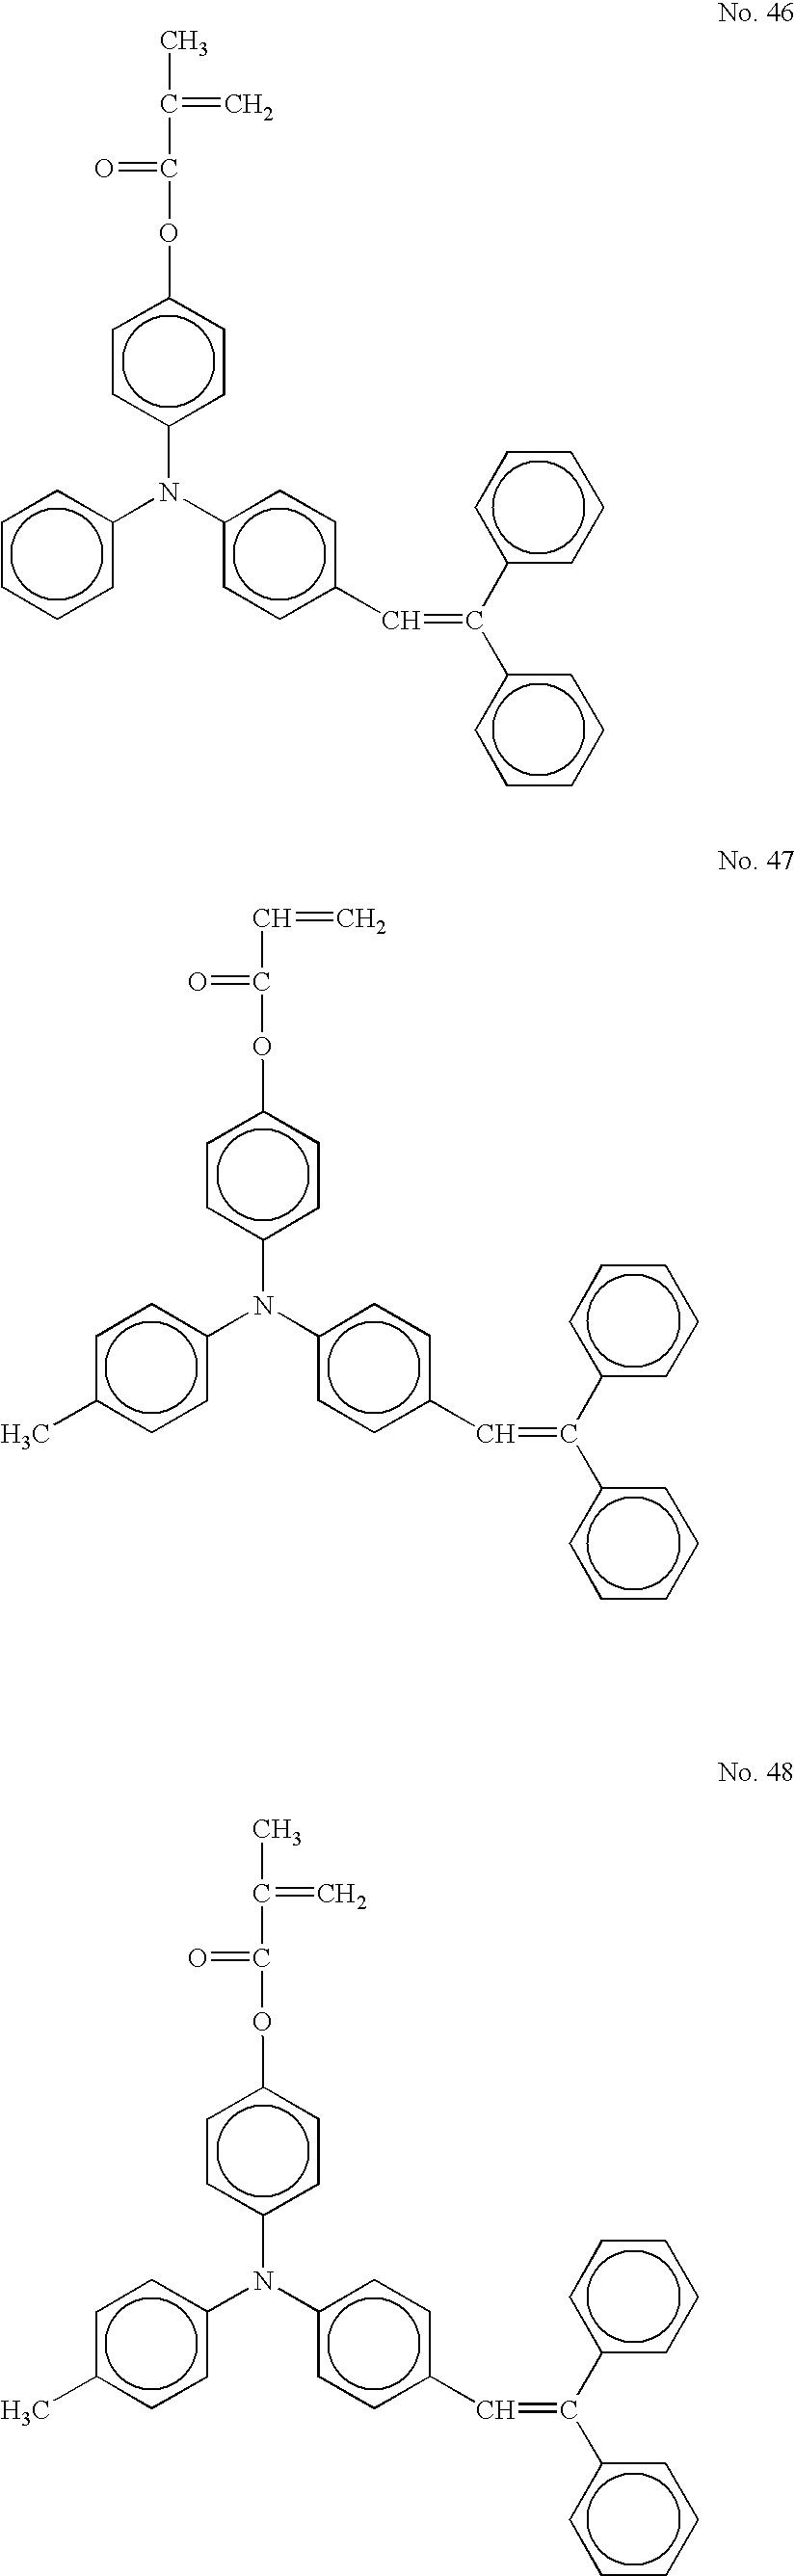 Figure US07175957-20070213-C00027